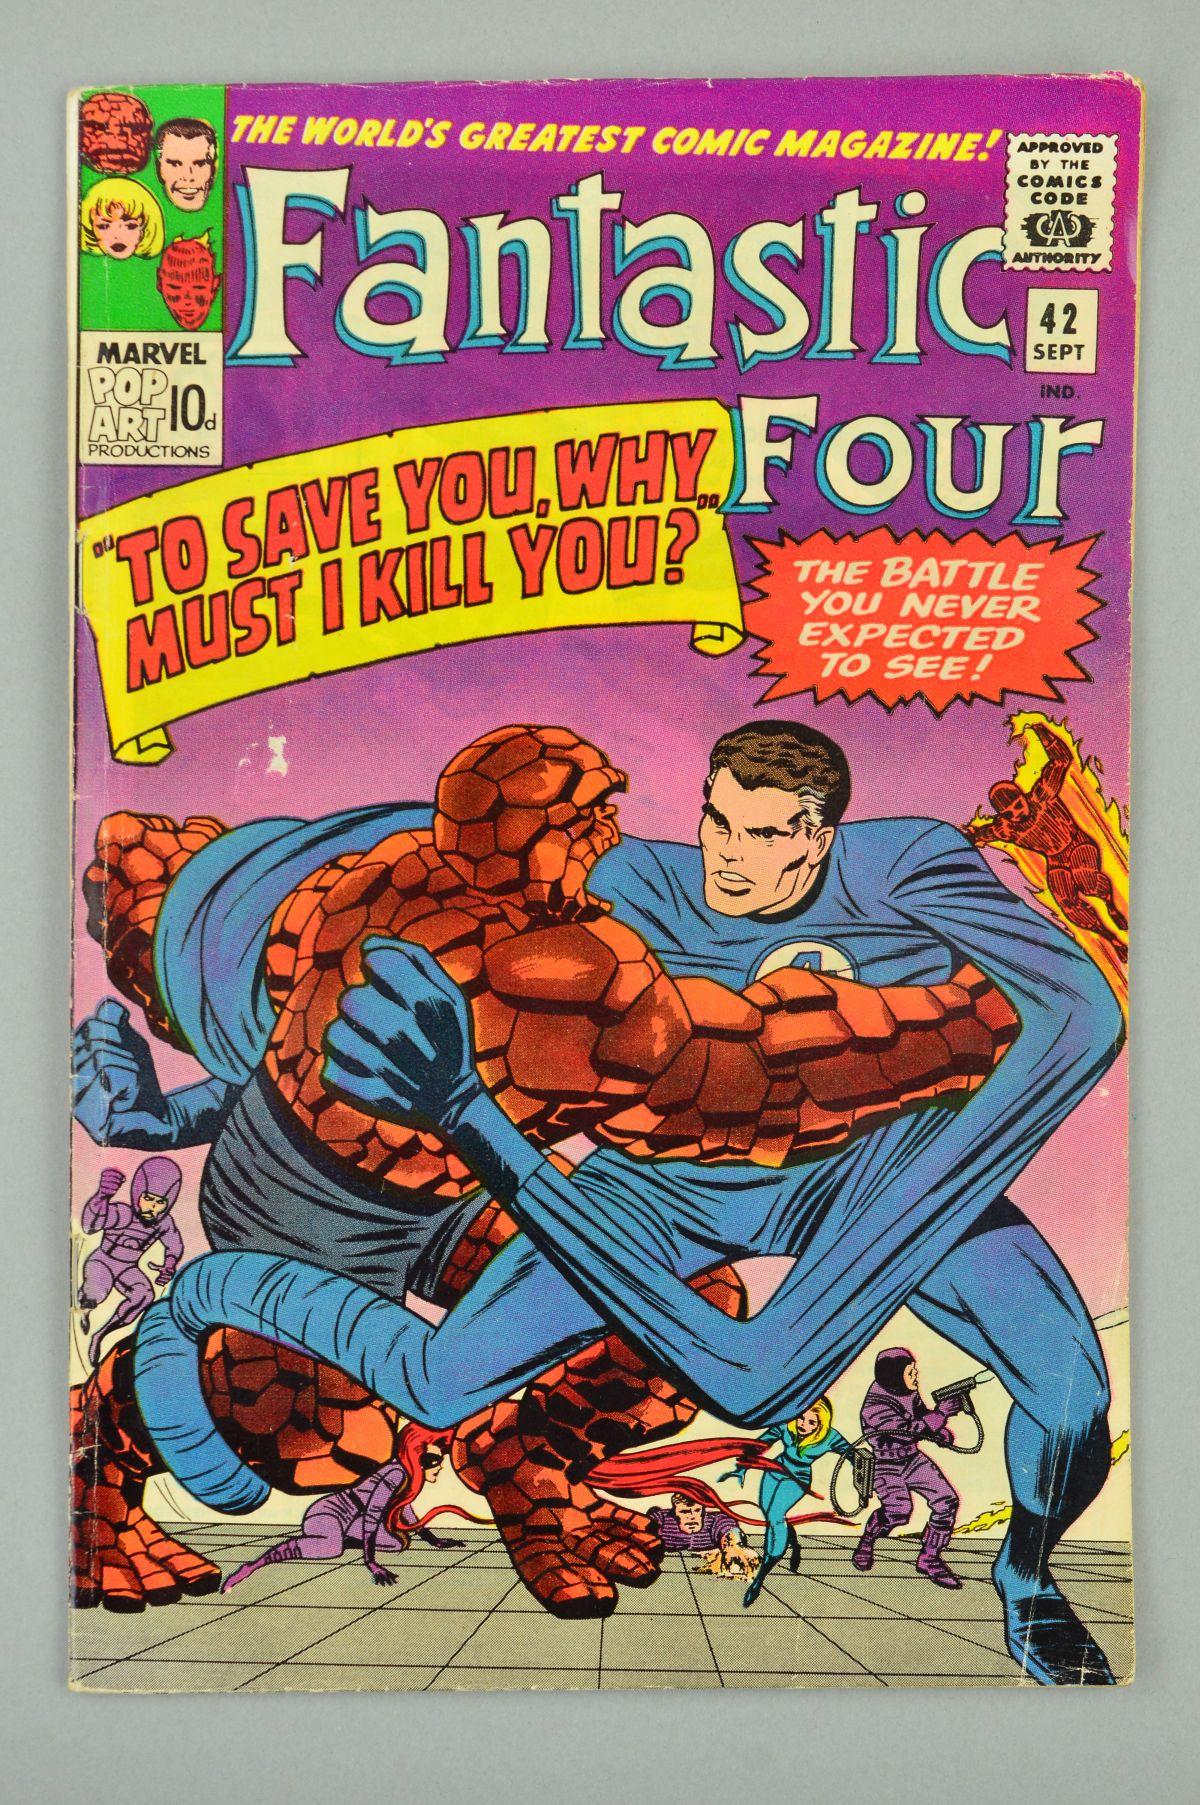 Lot 1841 - Fantastic Four (1961) #42, Published:September 10, 1965